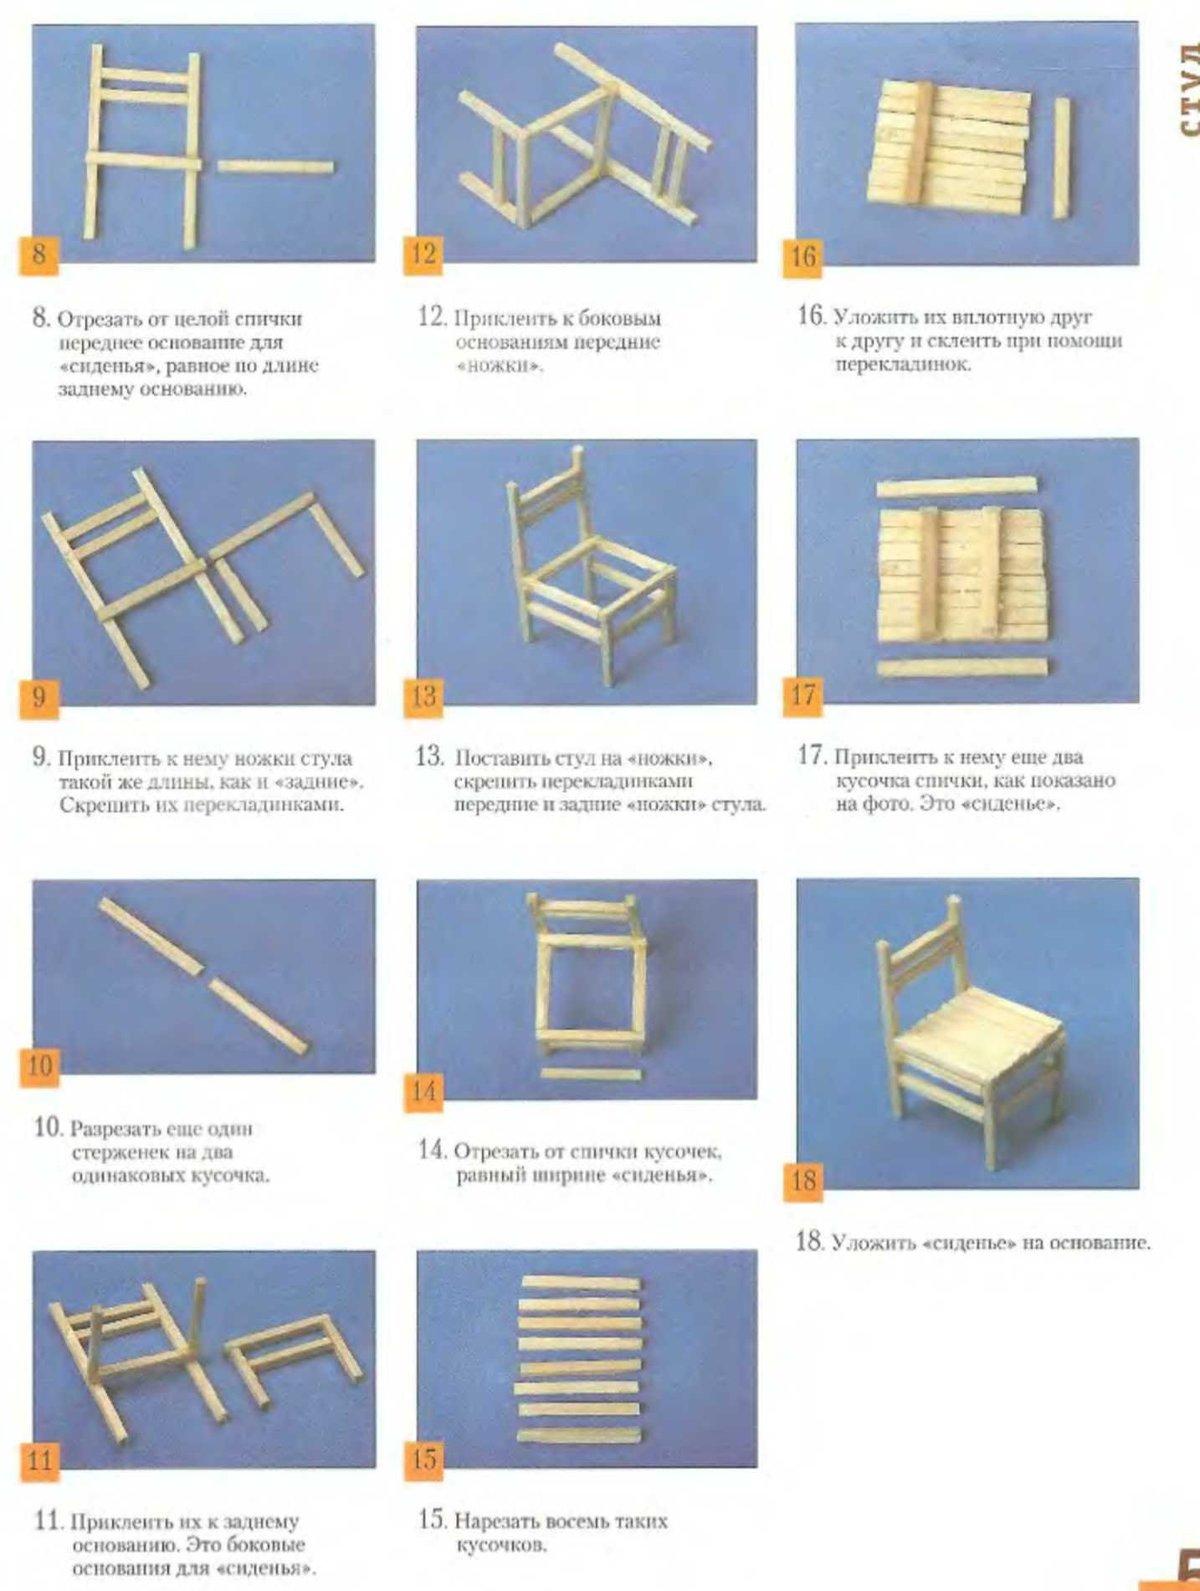 Поделки спичек схемы без клея 7